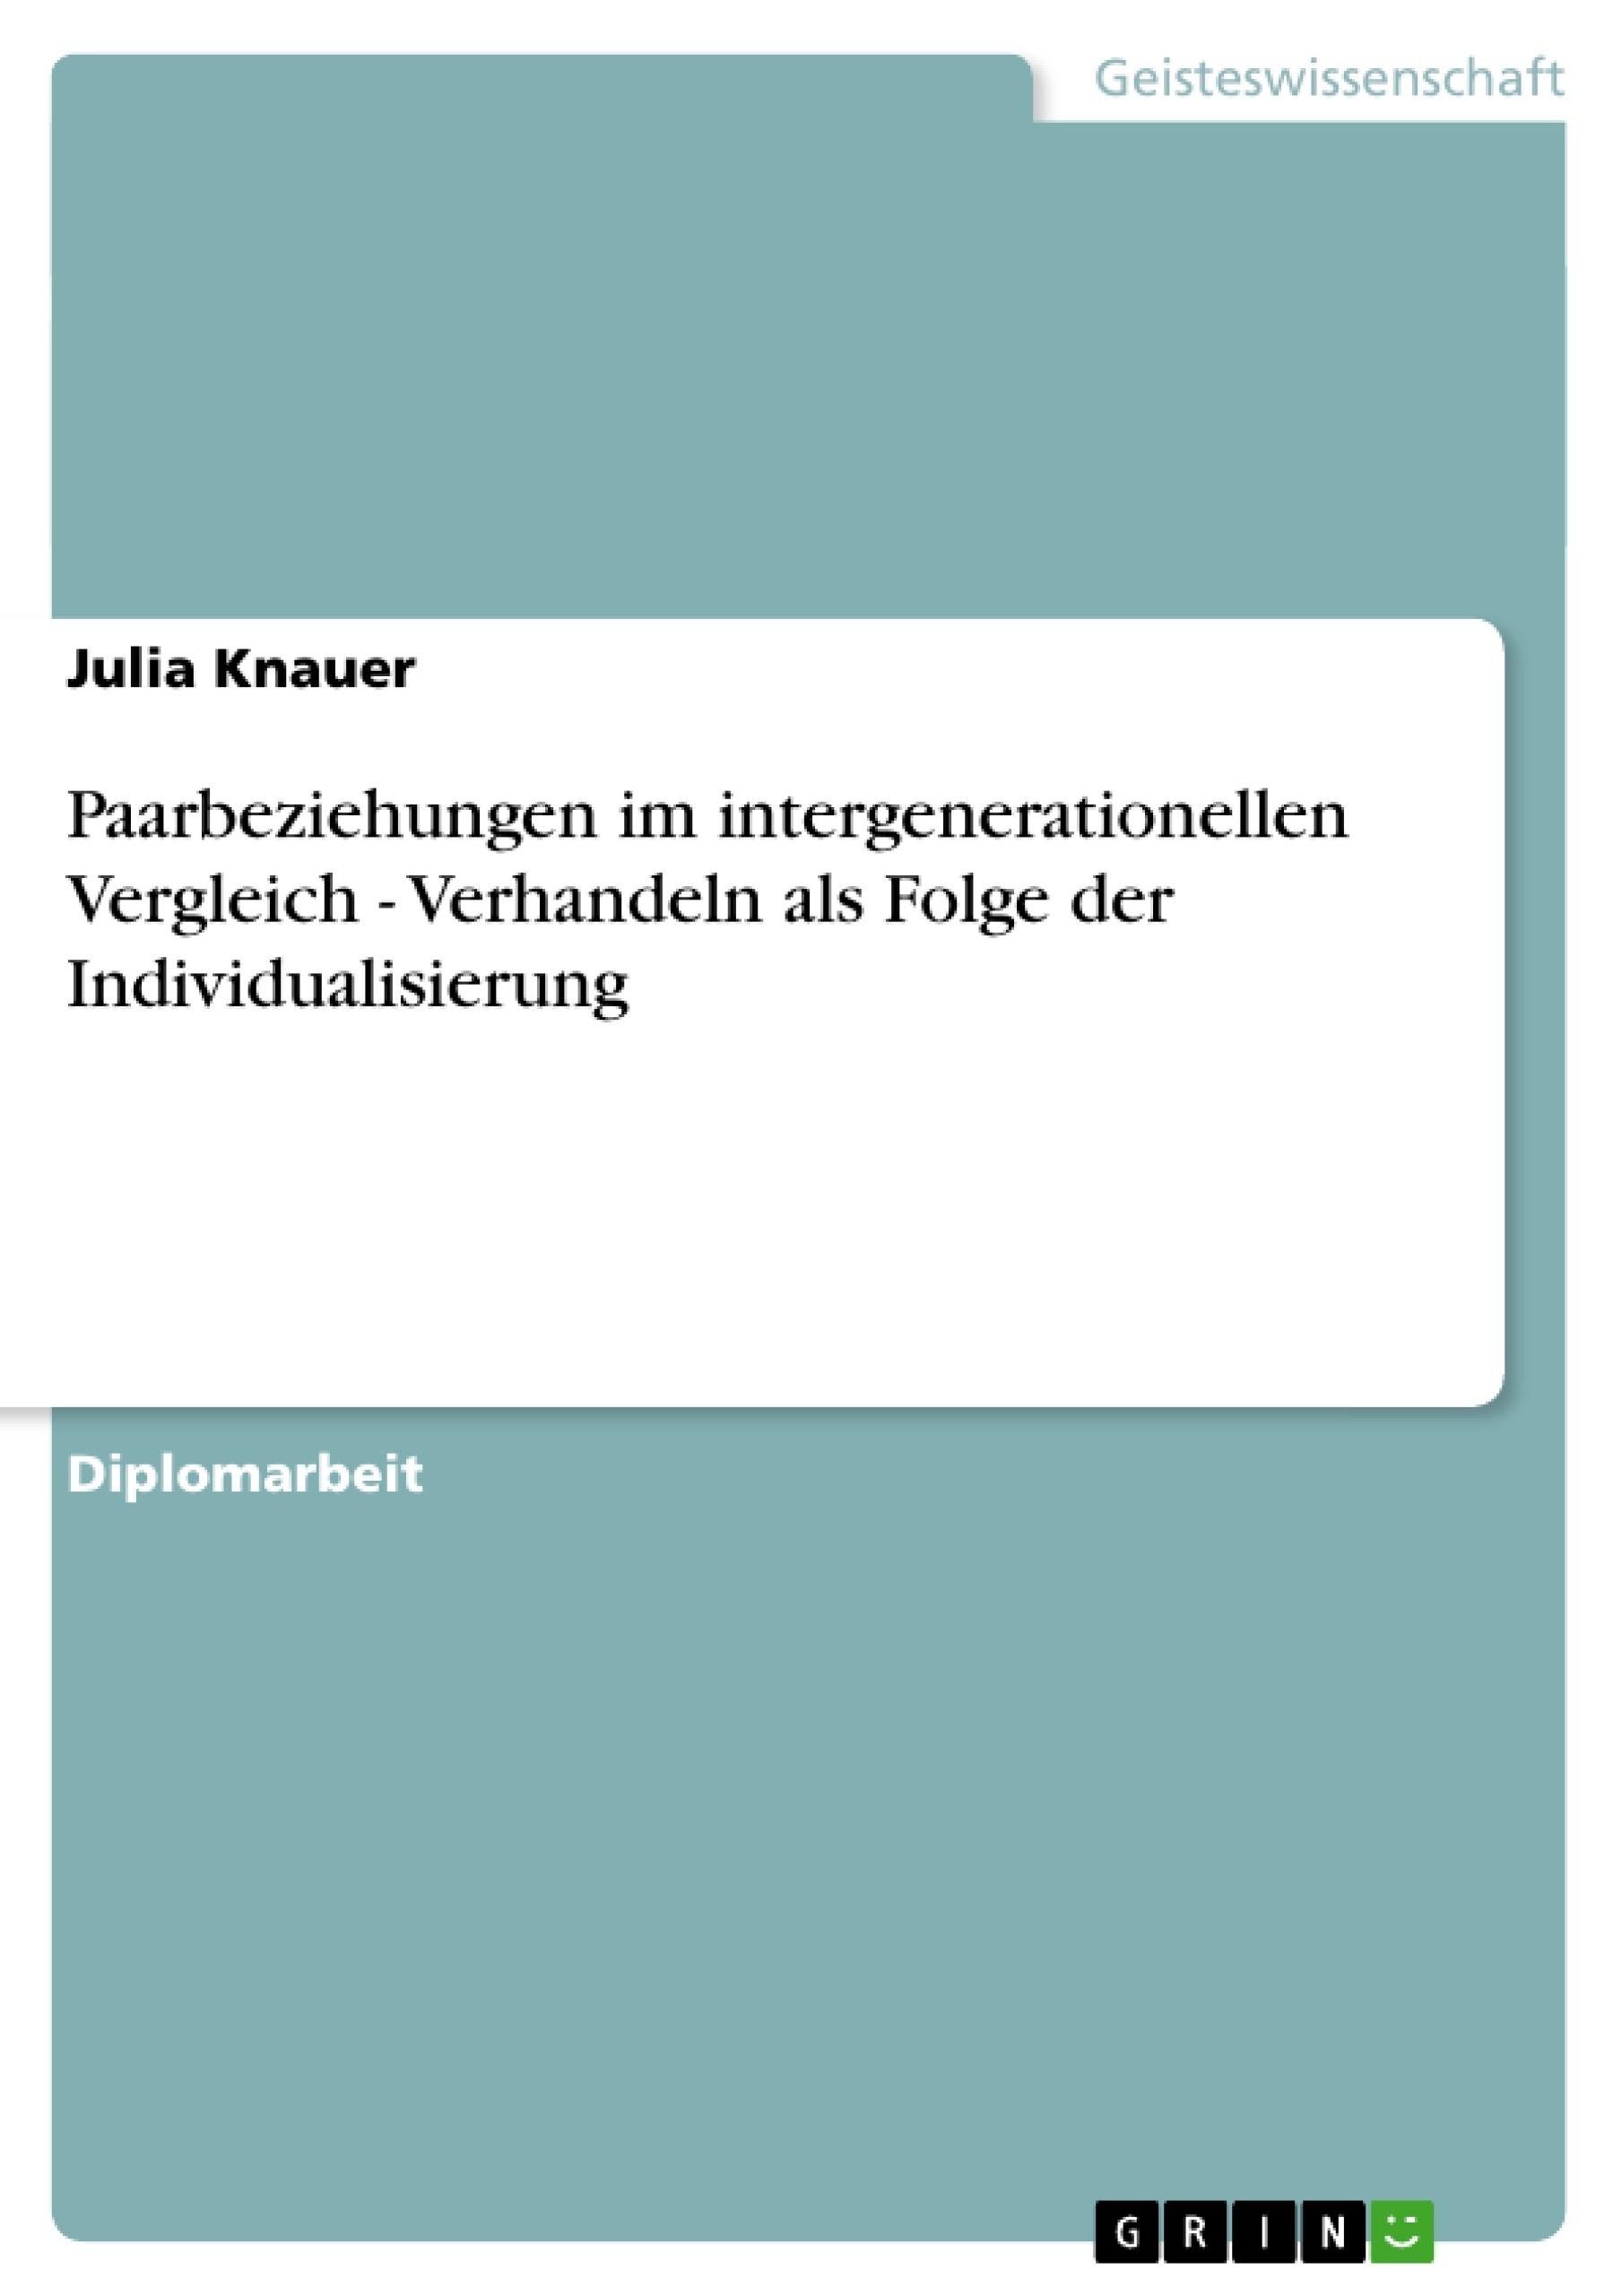 Titel: Paarbeziehungen im intergenerationellen Vergleich - Verhandeln als Folge der Individualisierung